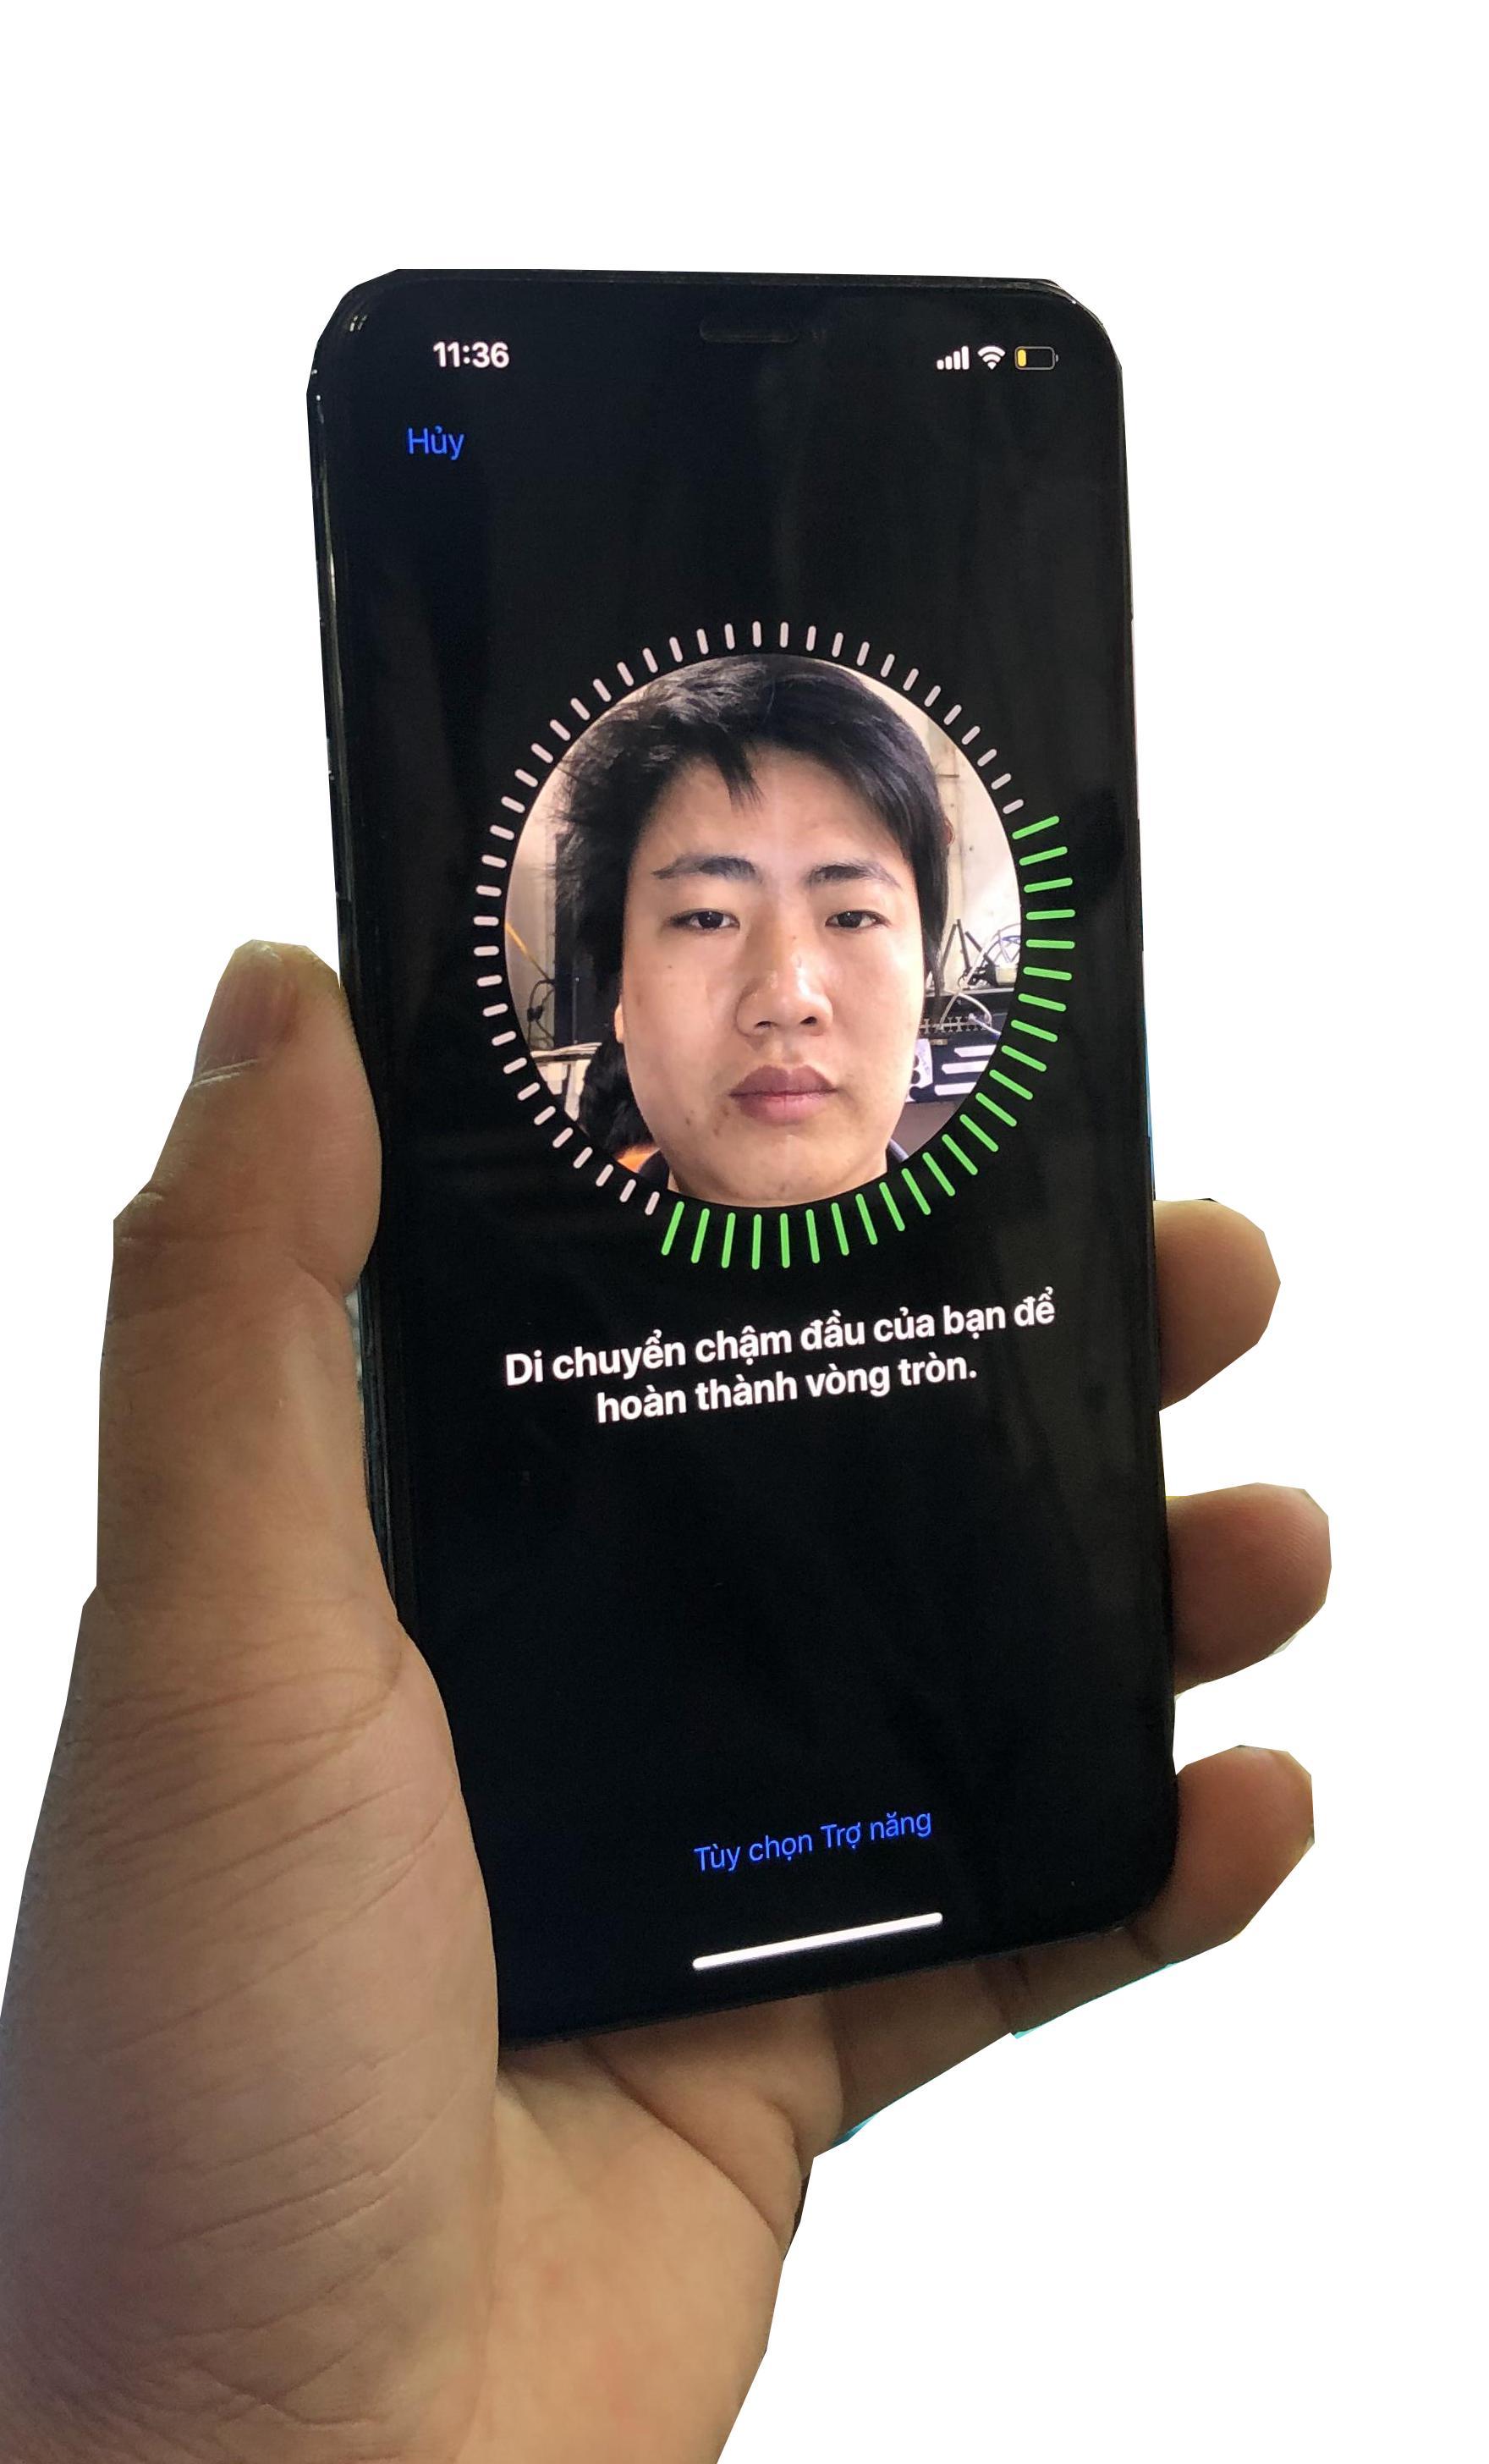 Lỗi Face ID trên iPhone Không Định Vị Được Khuôn Mặt sau khi được sửa chữa tại cửa hàng Nhật Anh GSM